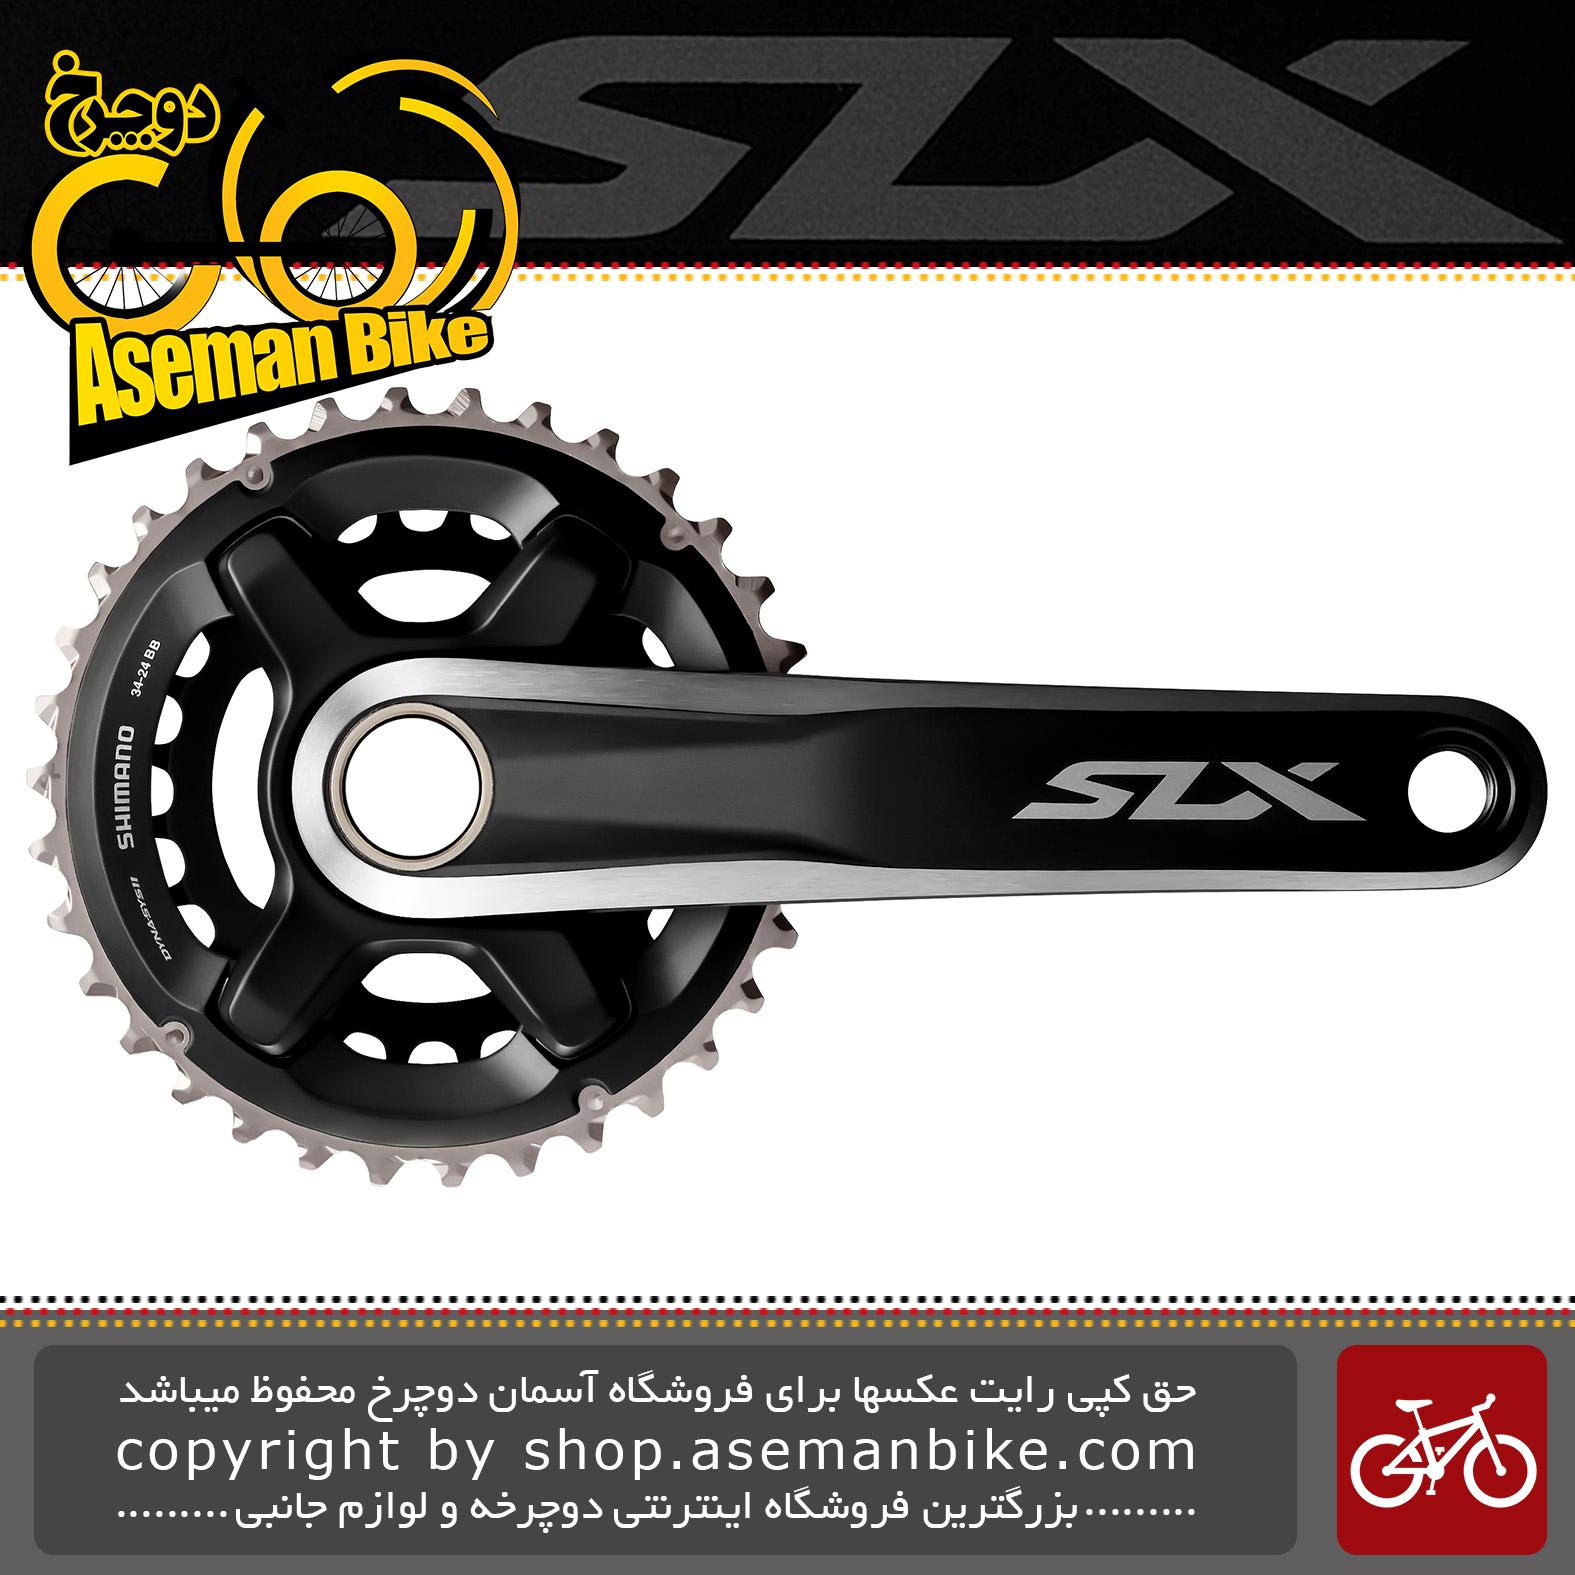 طبق قامه دوچرخه شیمانو اس ال ایکس Shimano Crankset SLX 11x2 FC-M7000-11-2